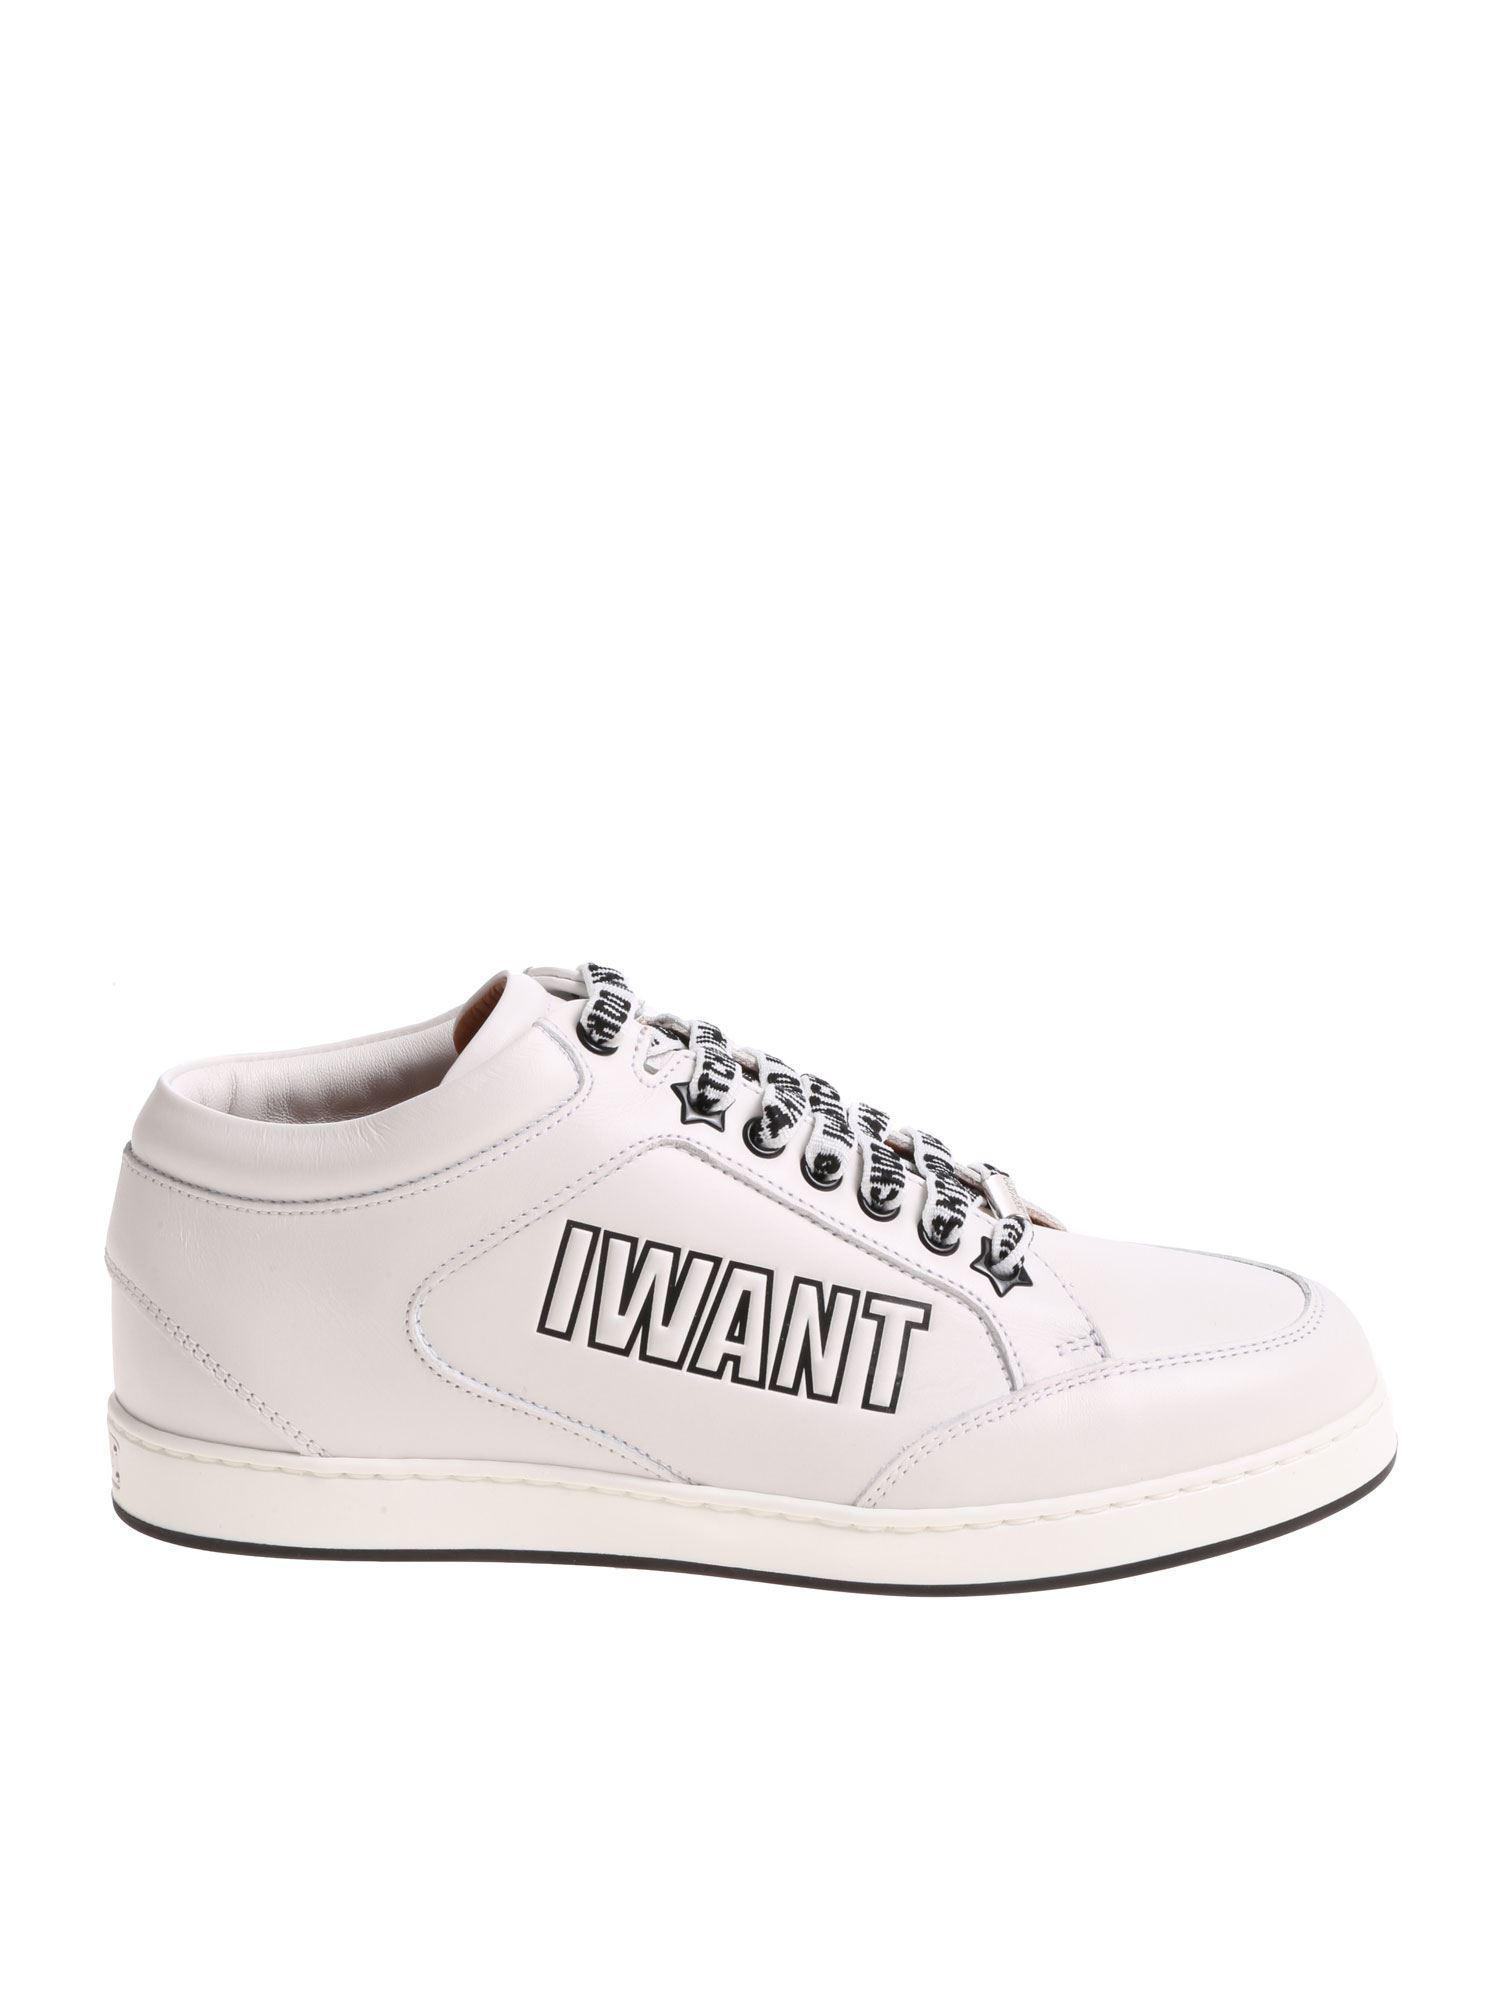 07921a0f3a89 Lyst - Jimmy Choo Miami I Want Choo White Sneakers in White